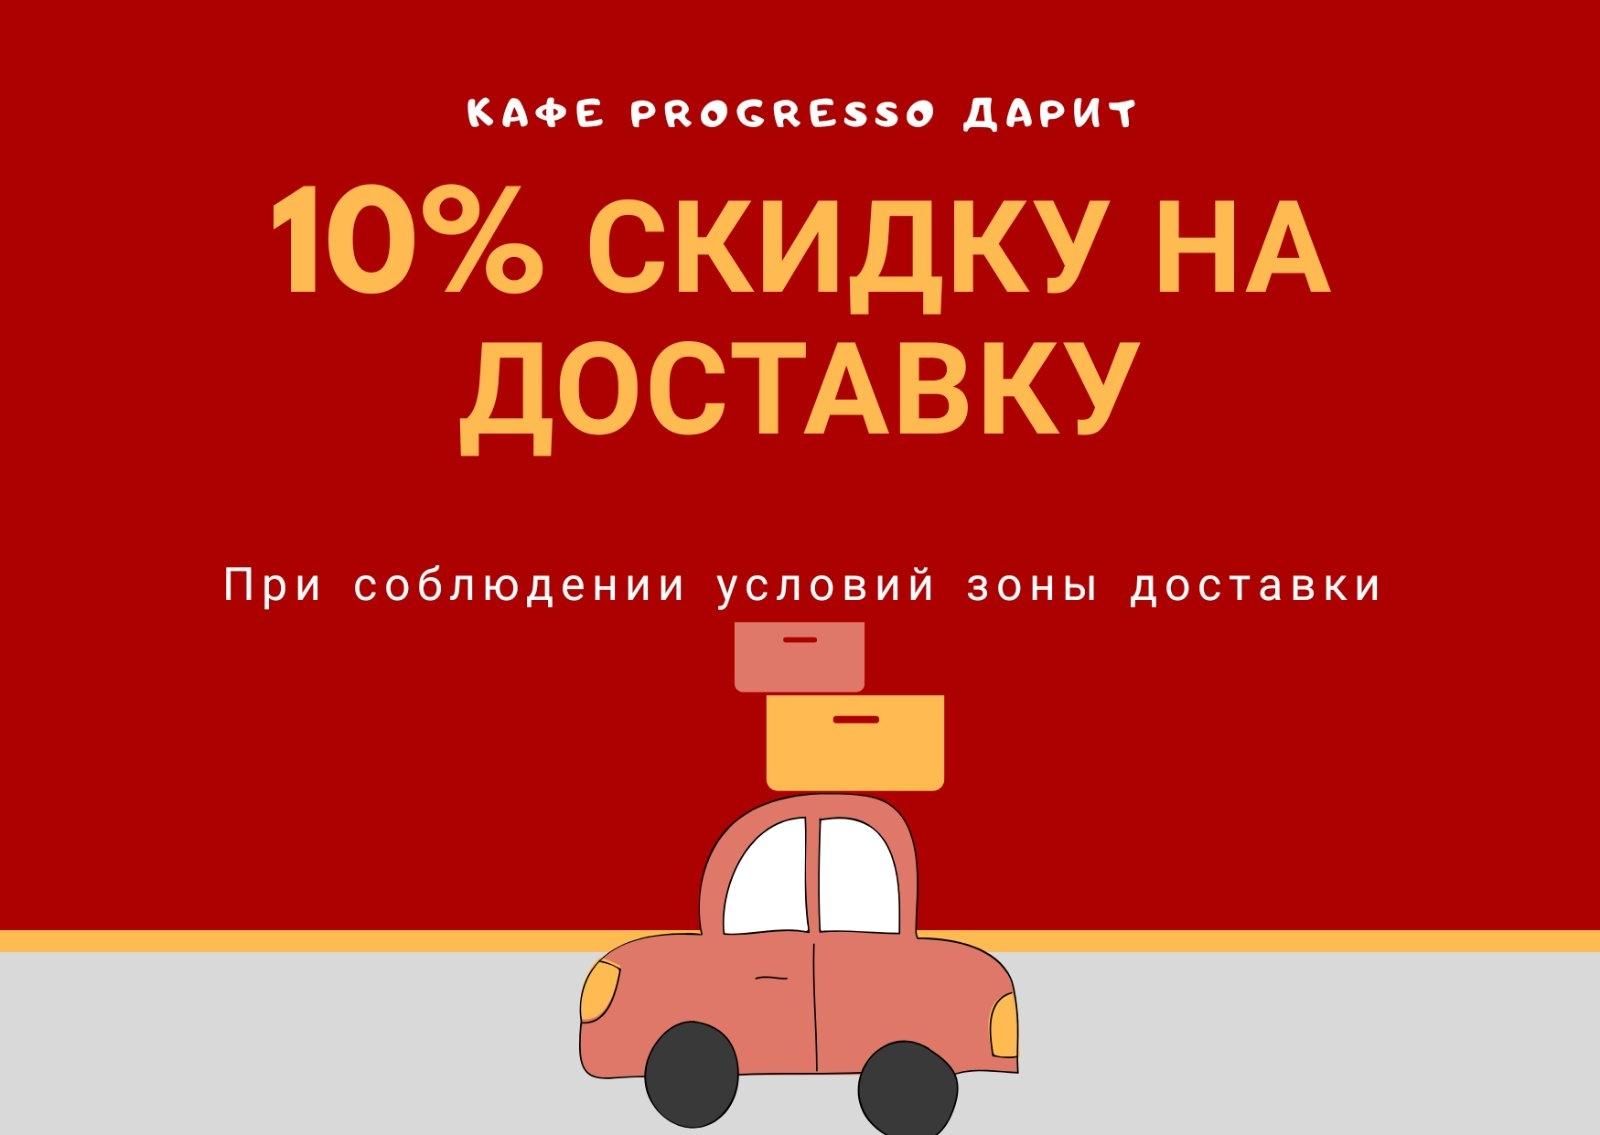 -10% скидка на доставку